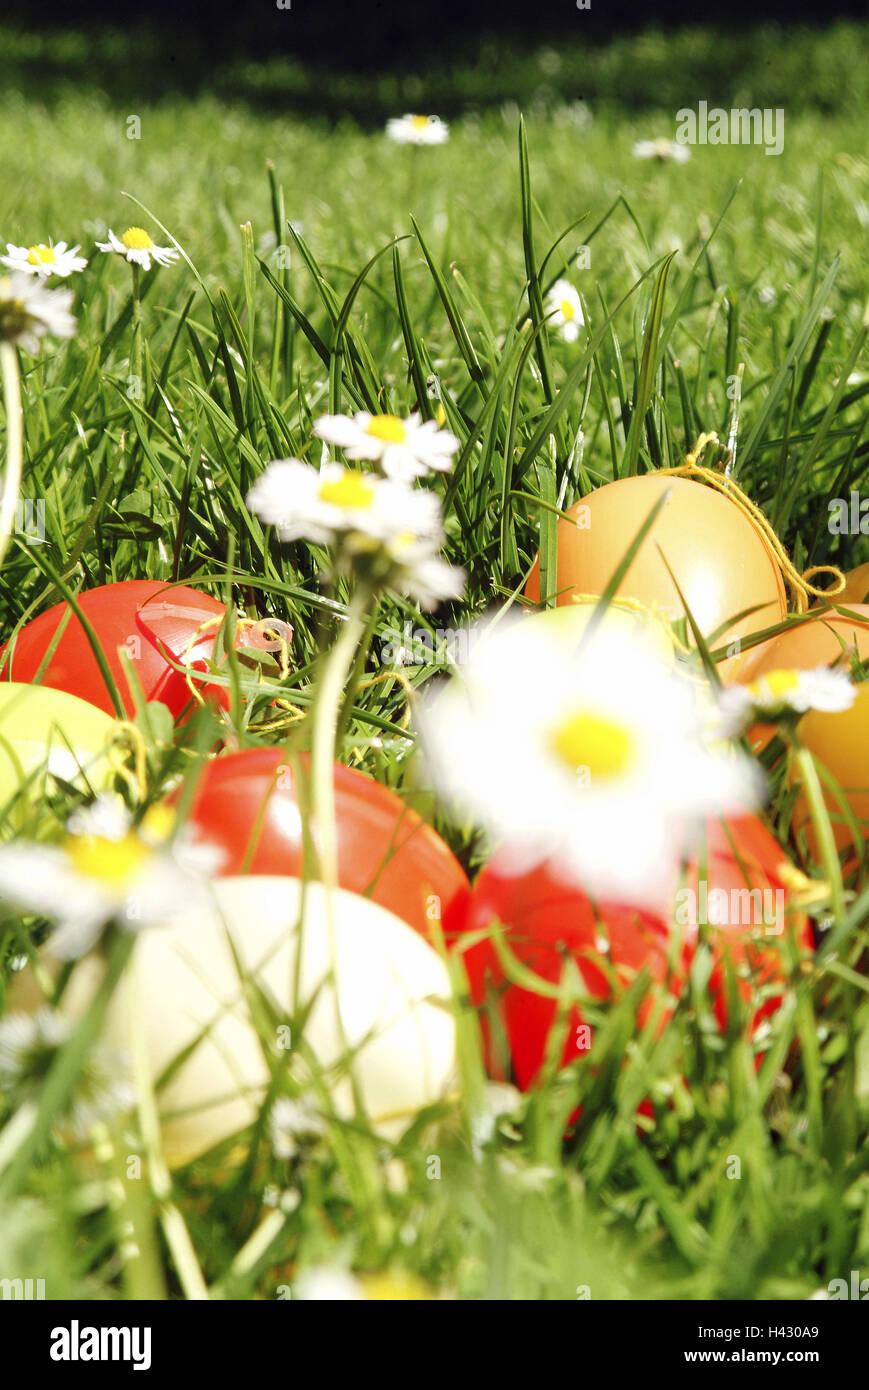 Wiese, Daisy, Ostereier, Unschärfe, Saison, Frühjahr, Frühling, Rasen, Blumen, Blüten, Blüten, Stockbild